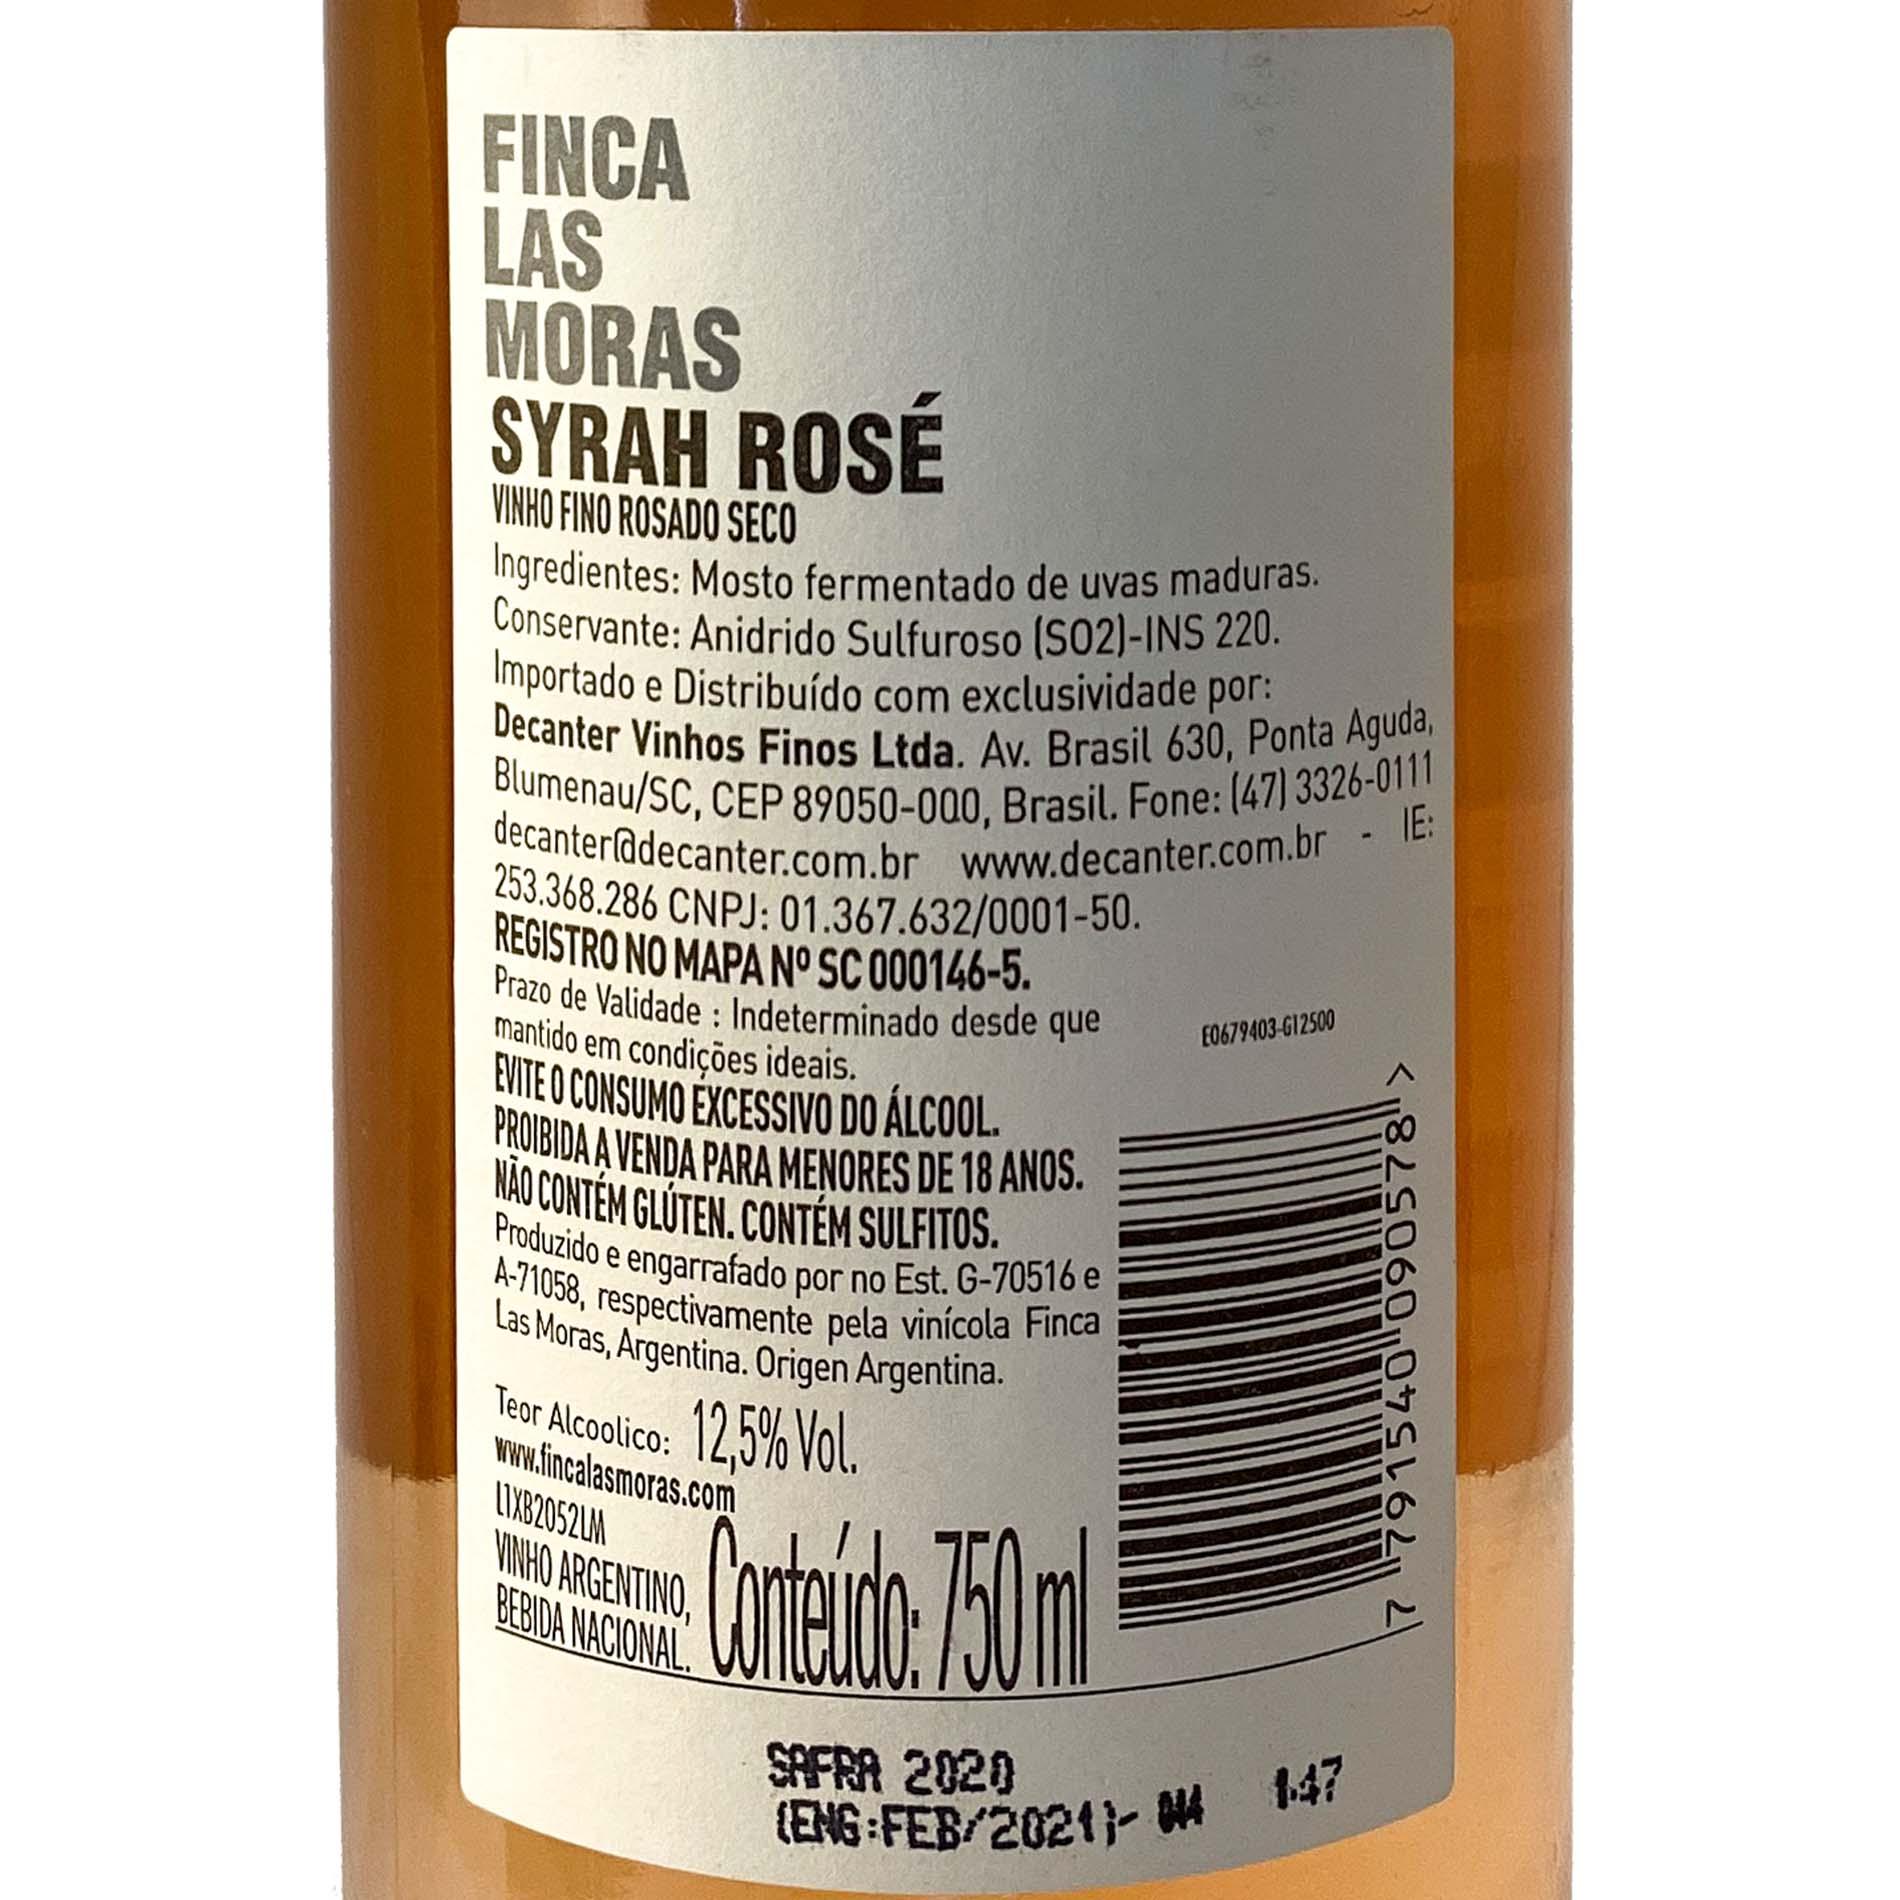 Finca Las Moras Syrah Rosé  - Vinerize